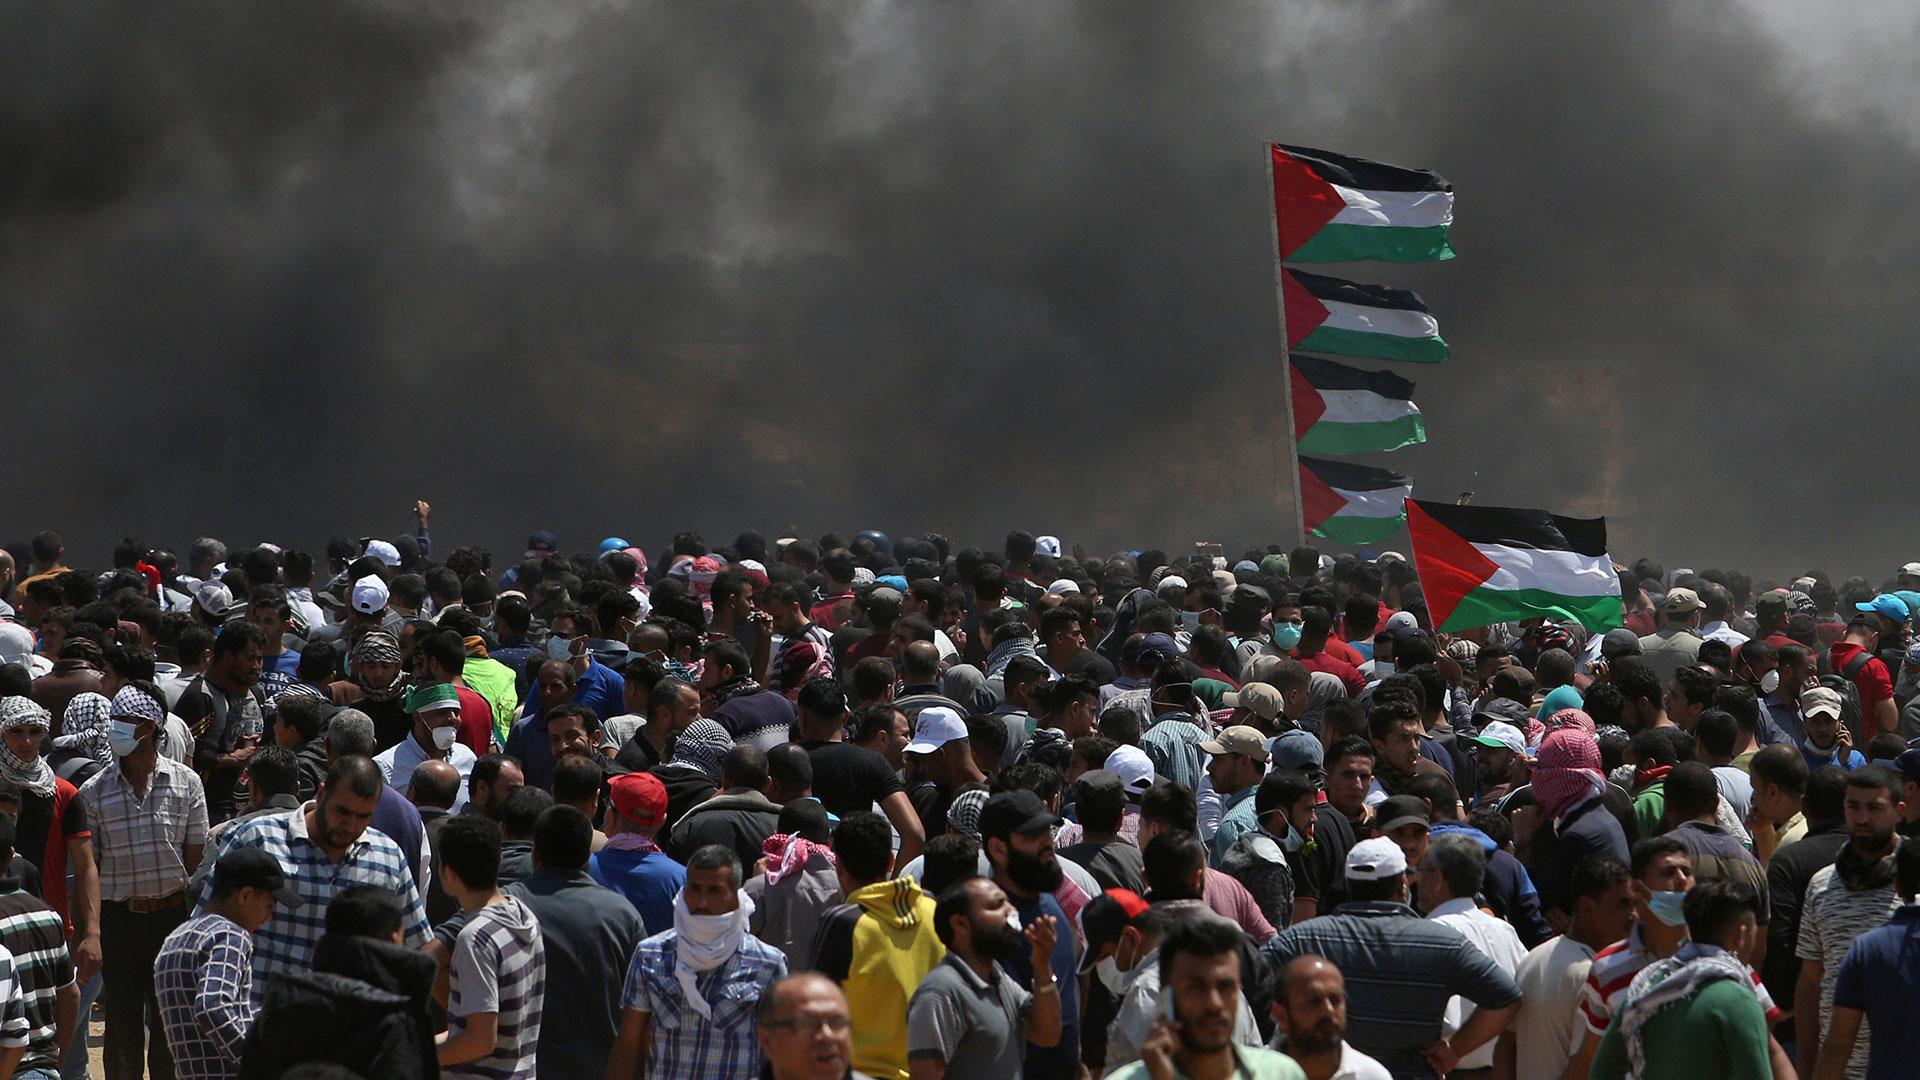 En Gaza violentos choques entre palestinos y soldados israelíes provocaron decenas de muertos (Reuters)